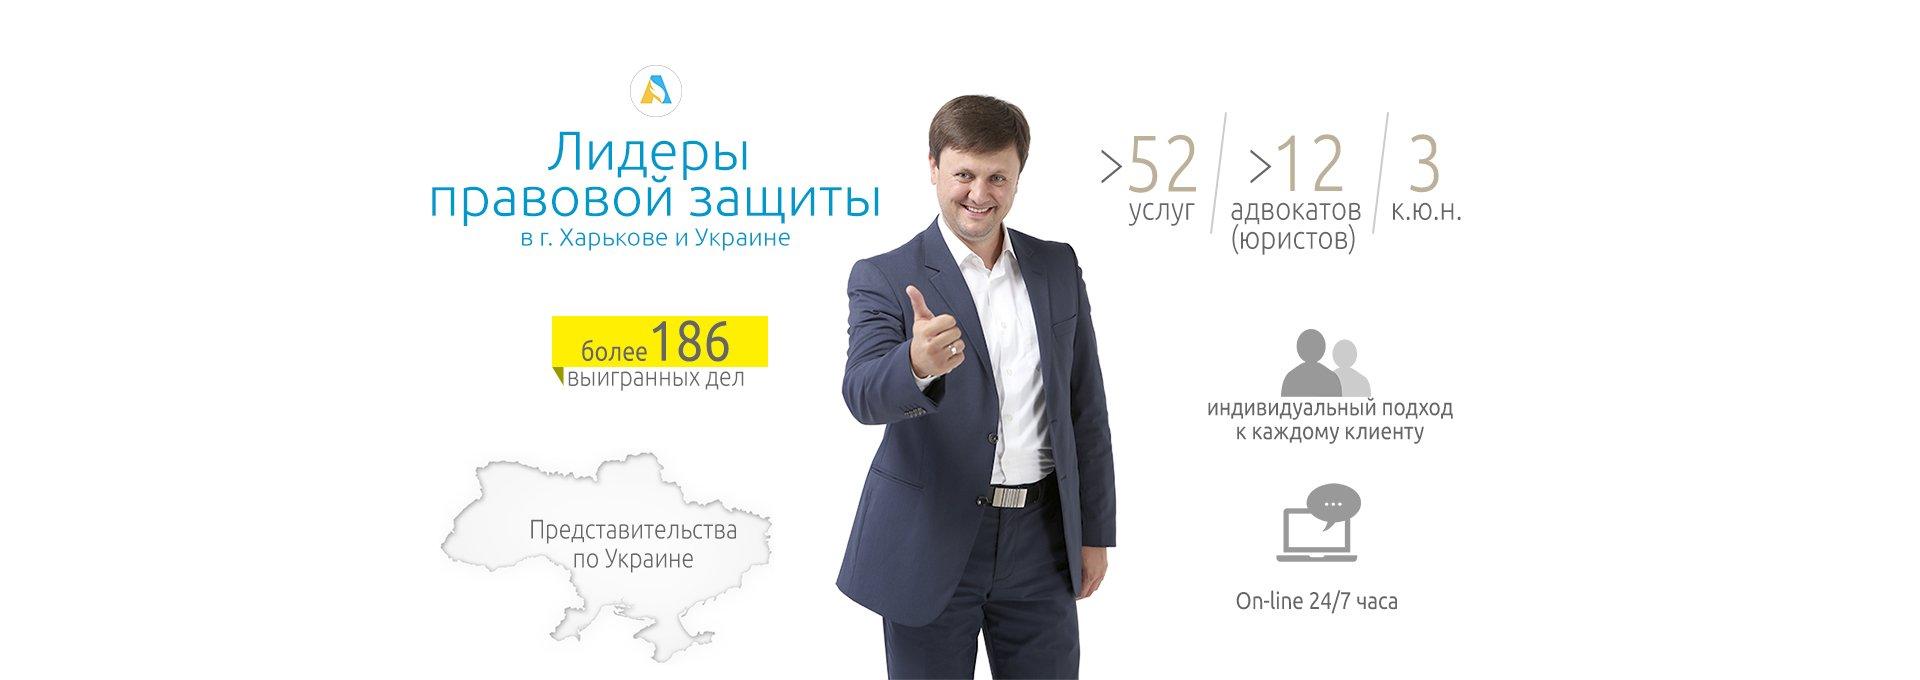 Консультация автоюриста по телефону саратов оформление права собственности Саратовская улица